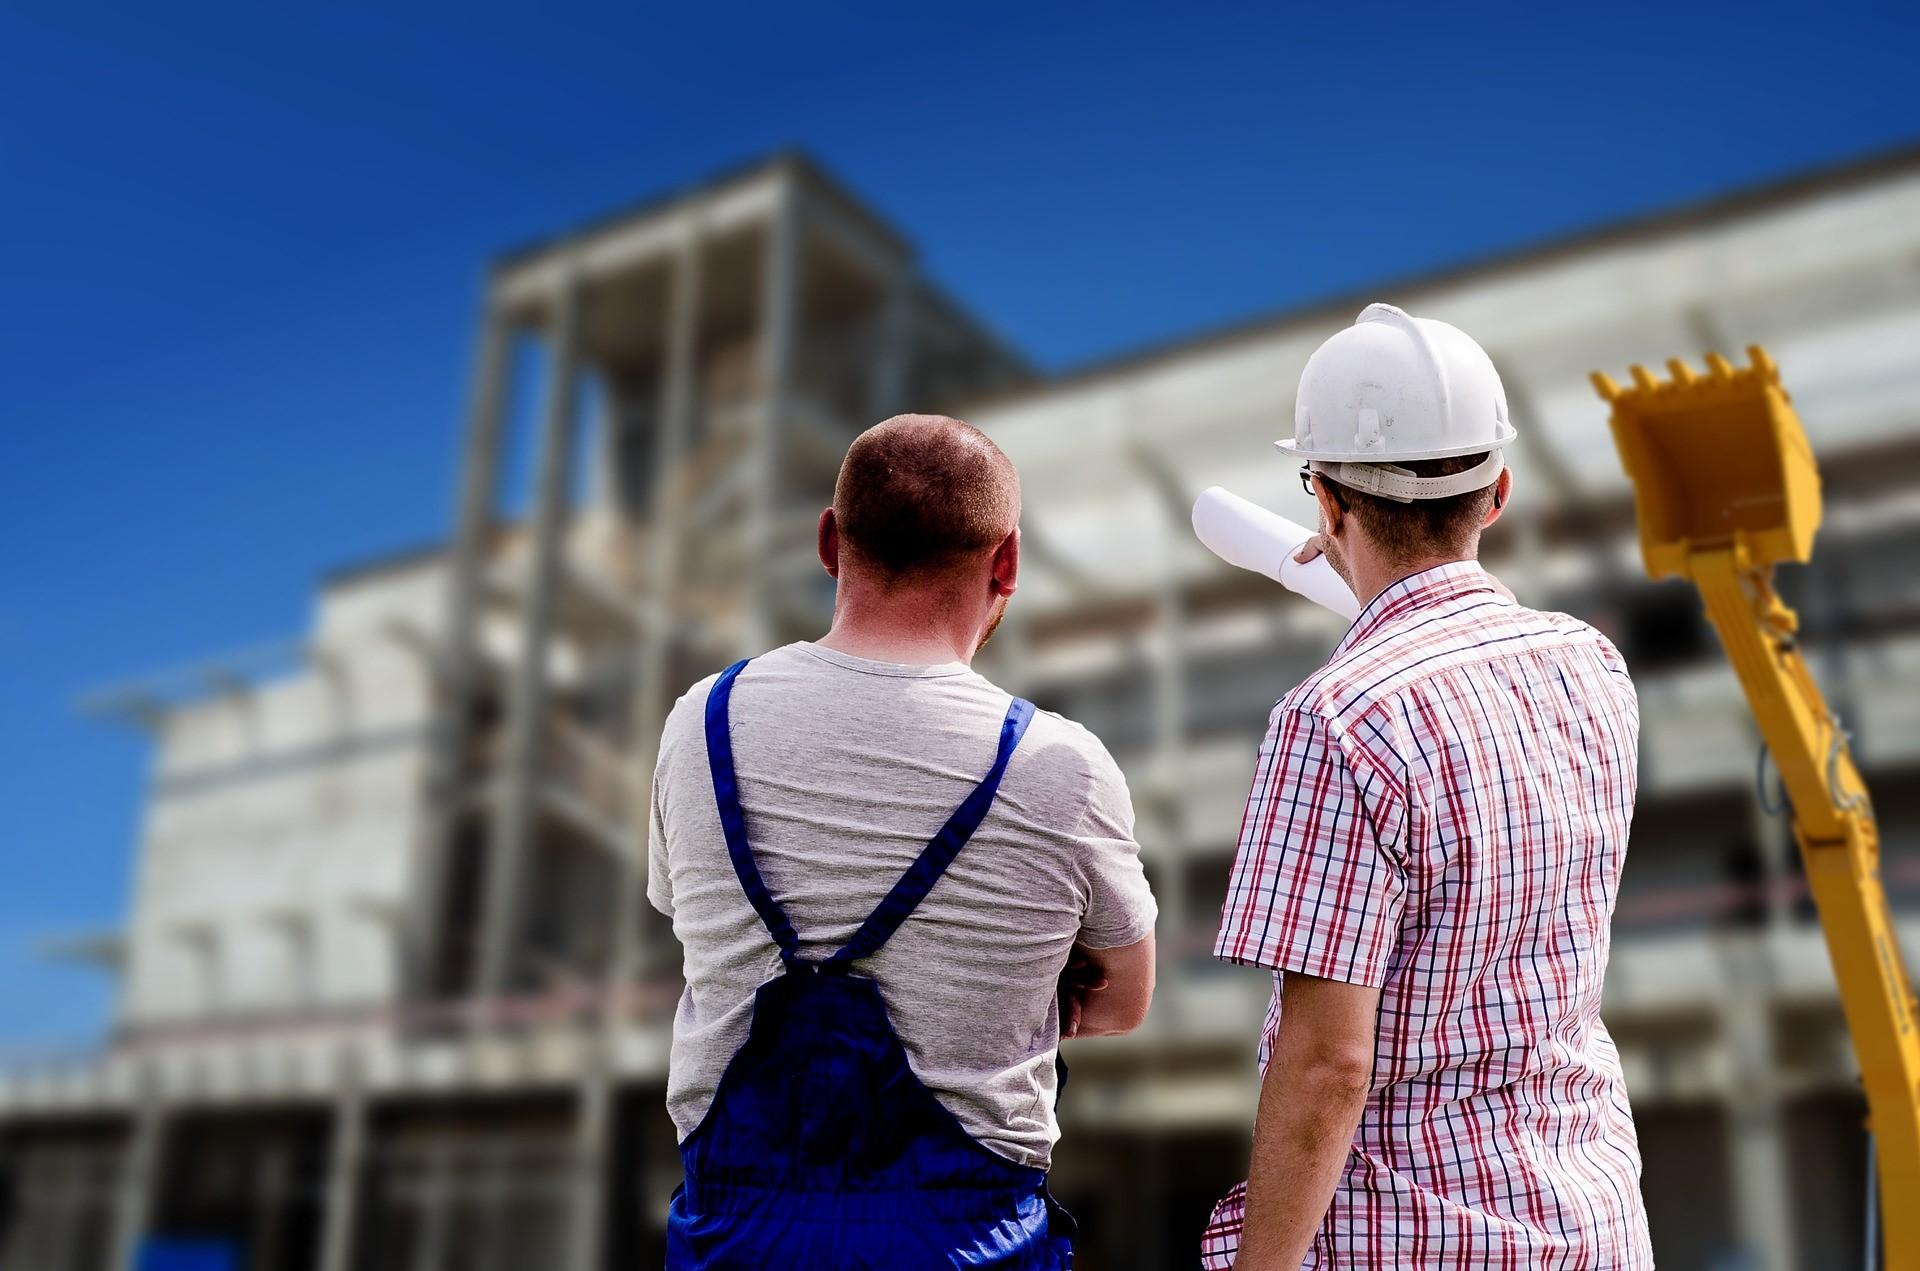 Khung đánh giá năng lực Kiến trúc sư – Bất cập và những gợi ý (Phần 2)